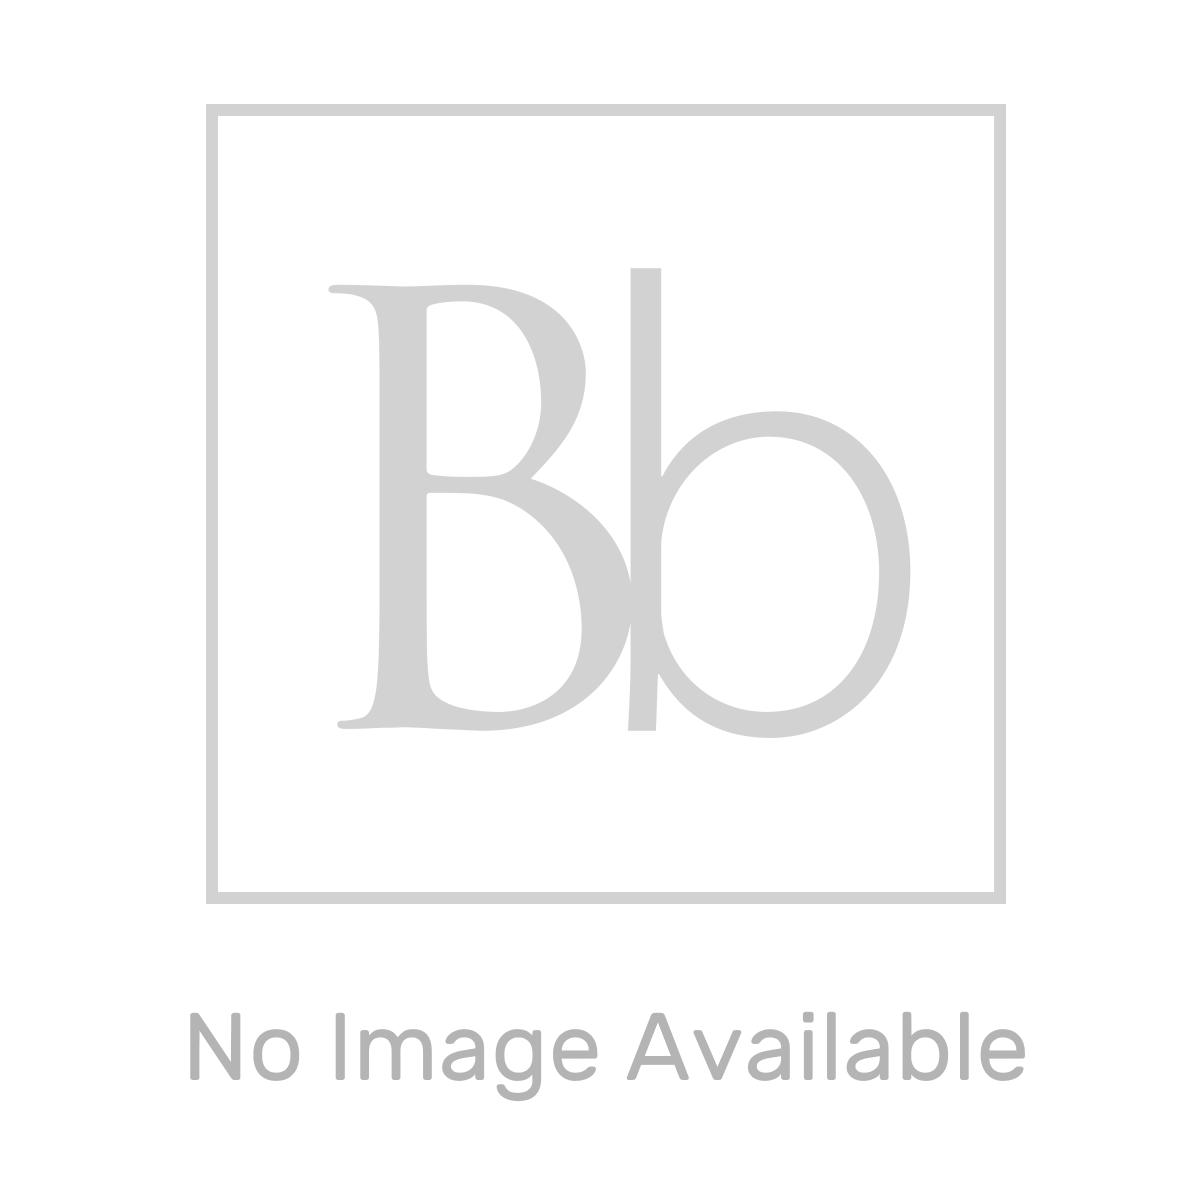 RAK Resort Illuminated LED Mirror 600 x 450mm